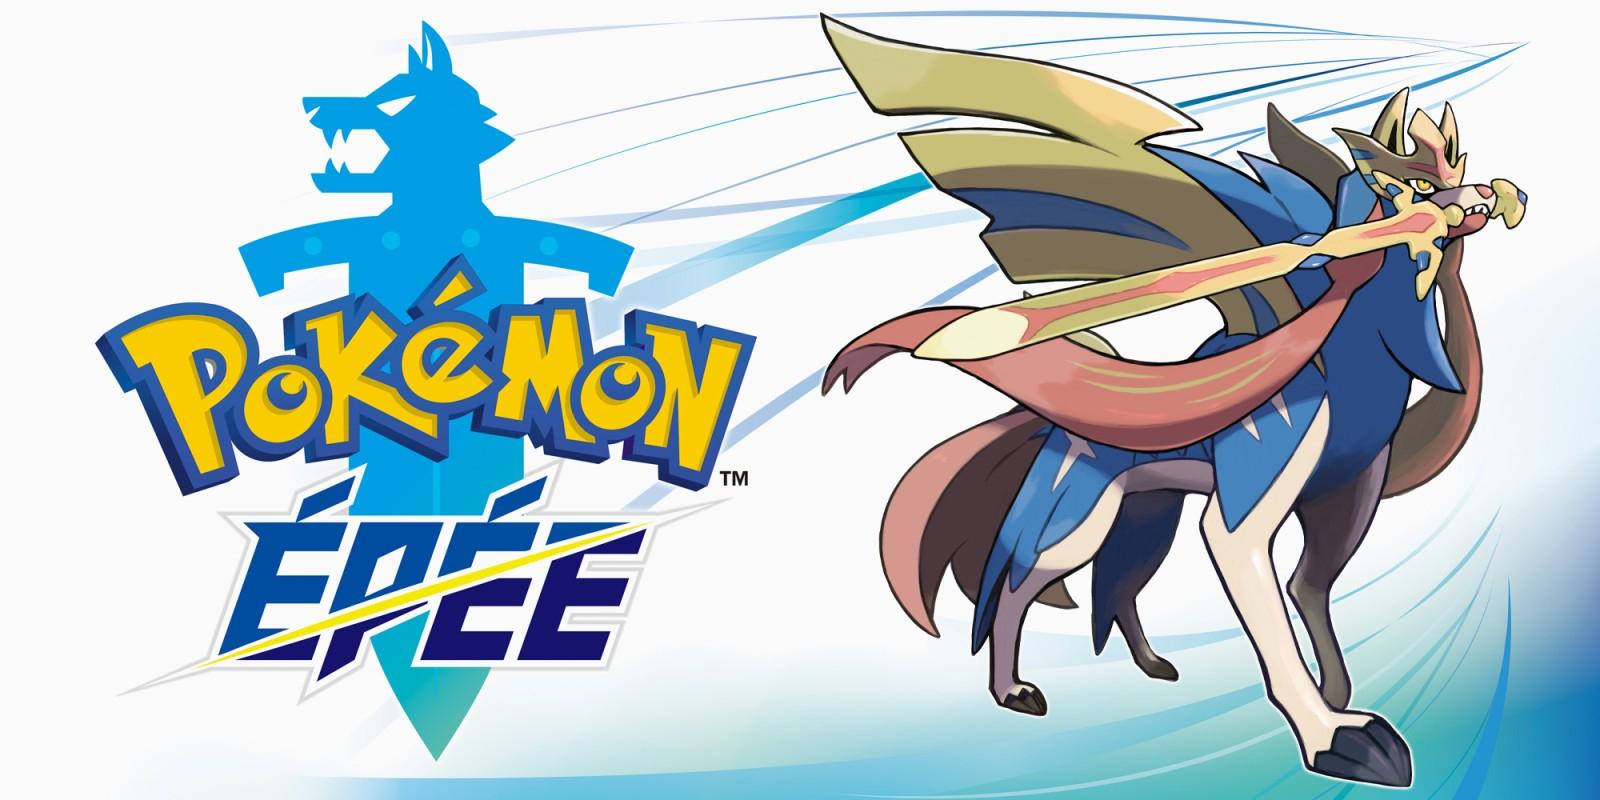 Pokémon Épée | Nintendo Switch | Jeux | Nintendo concernant Puissance 4 En Ligne Gratuit Contre Autre Joueur